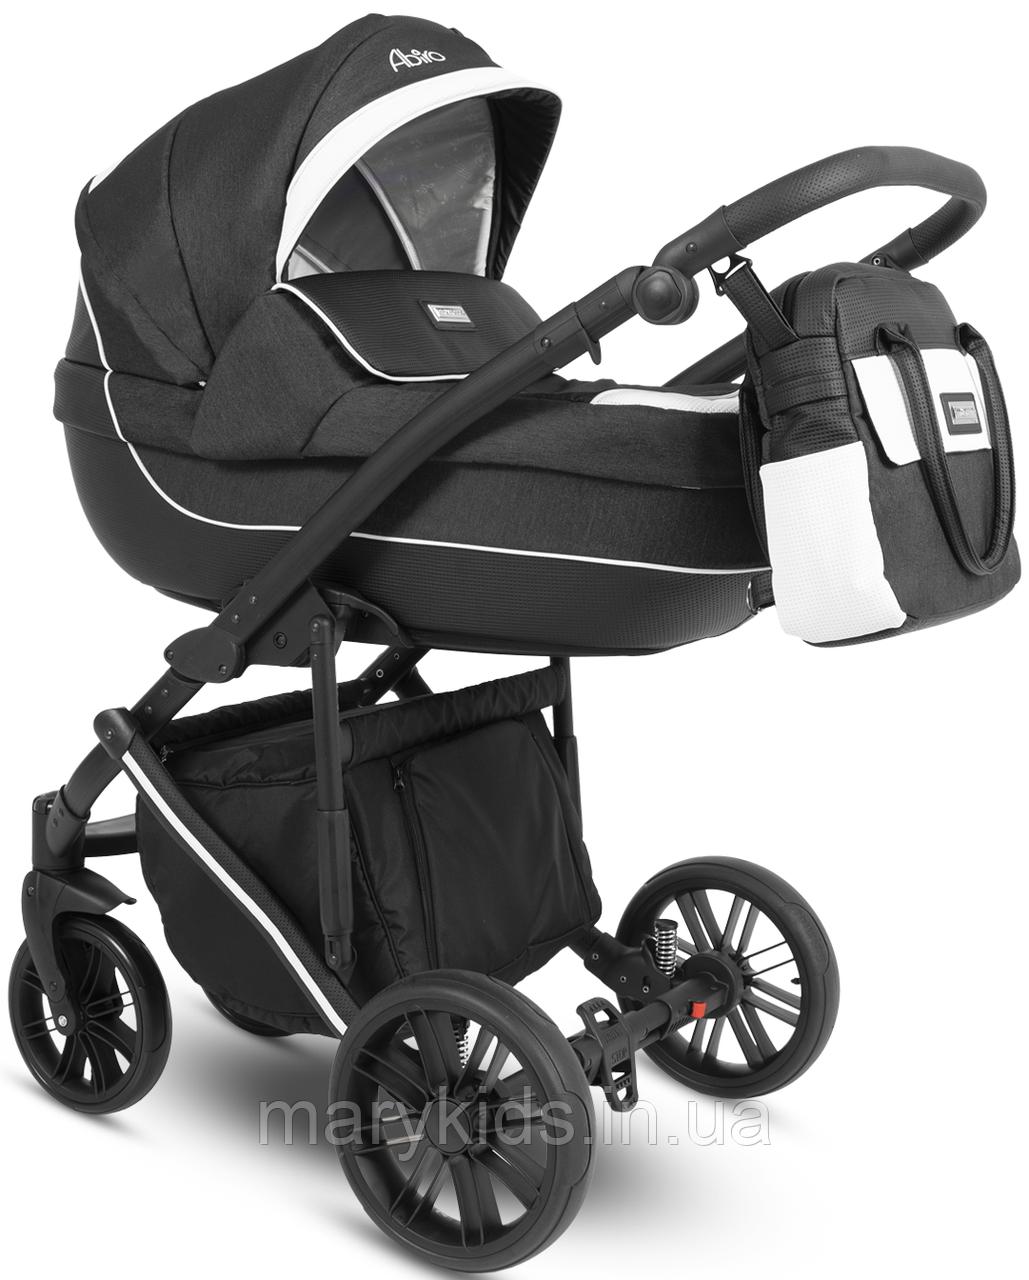 Детская универсальная коляска 2 в 1 Camarelo Abrio - 8